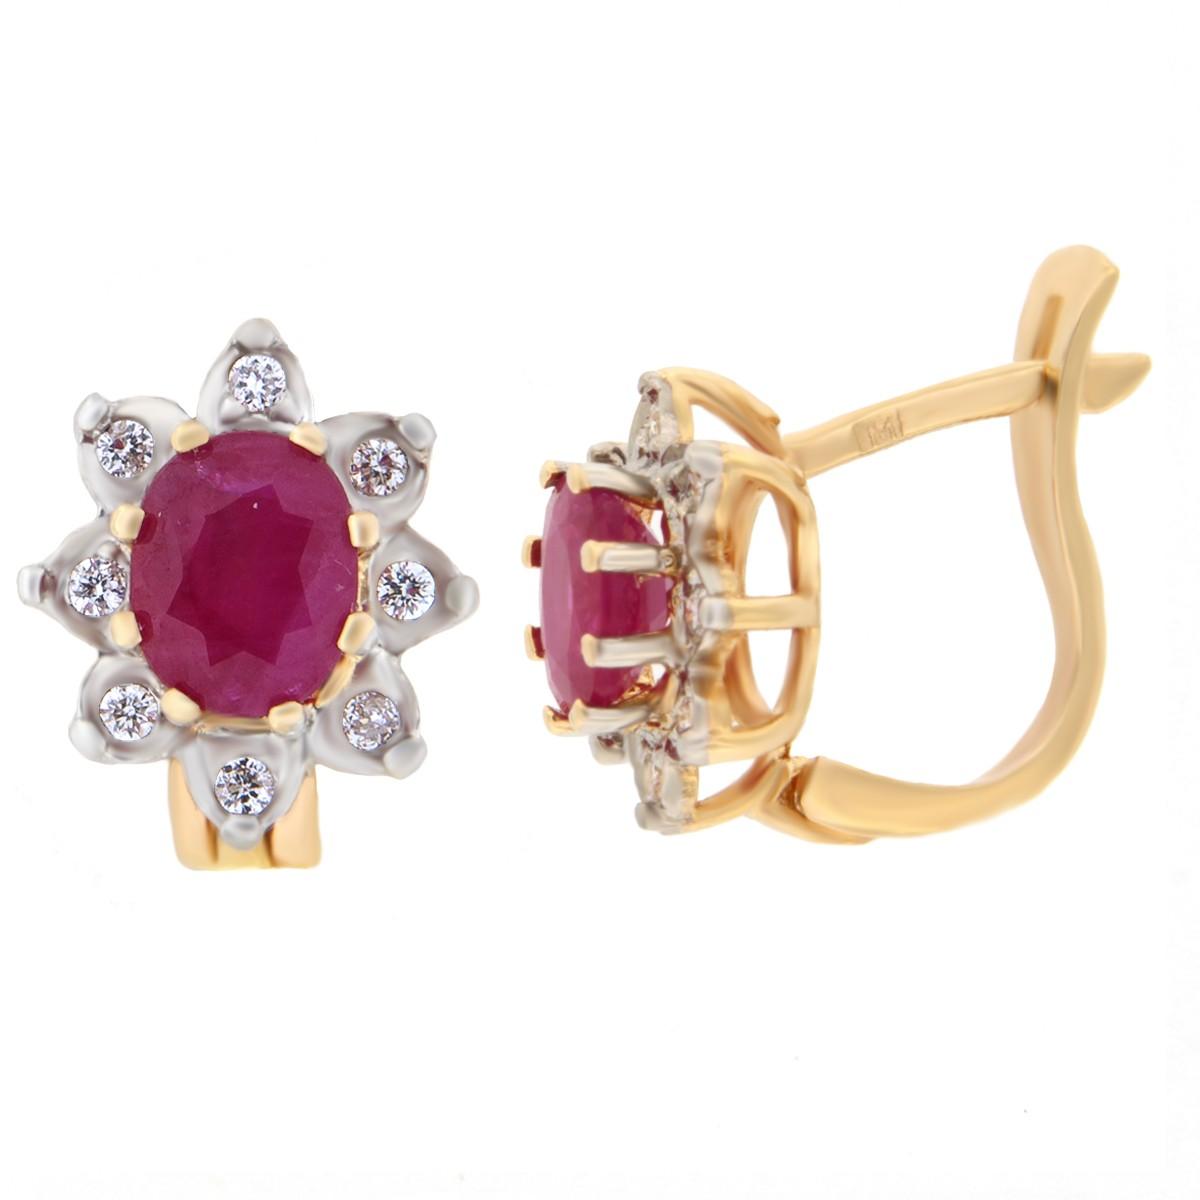 Kullast kõrvarõngad teemantide ja rubiiniga Kood: 4ct